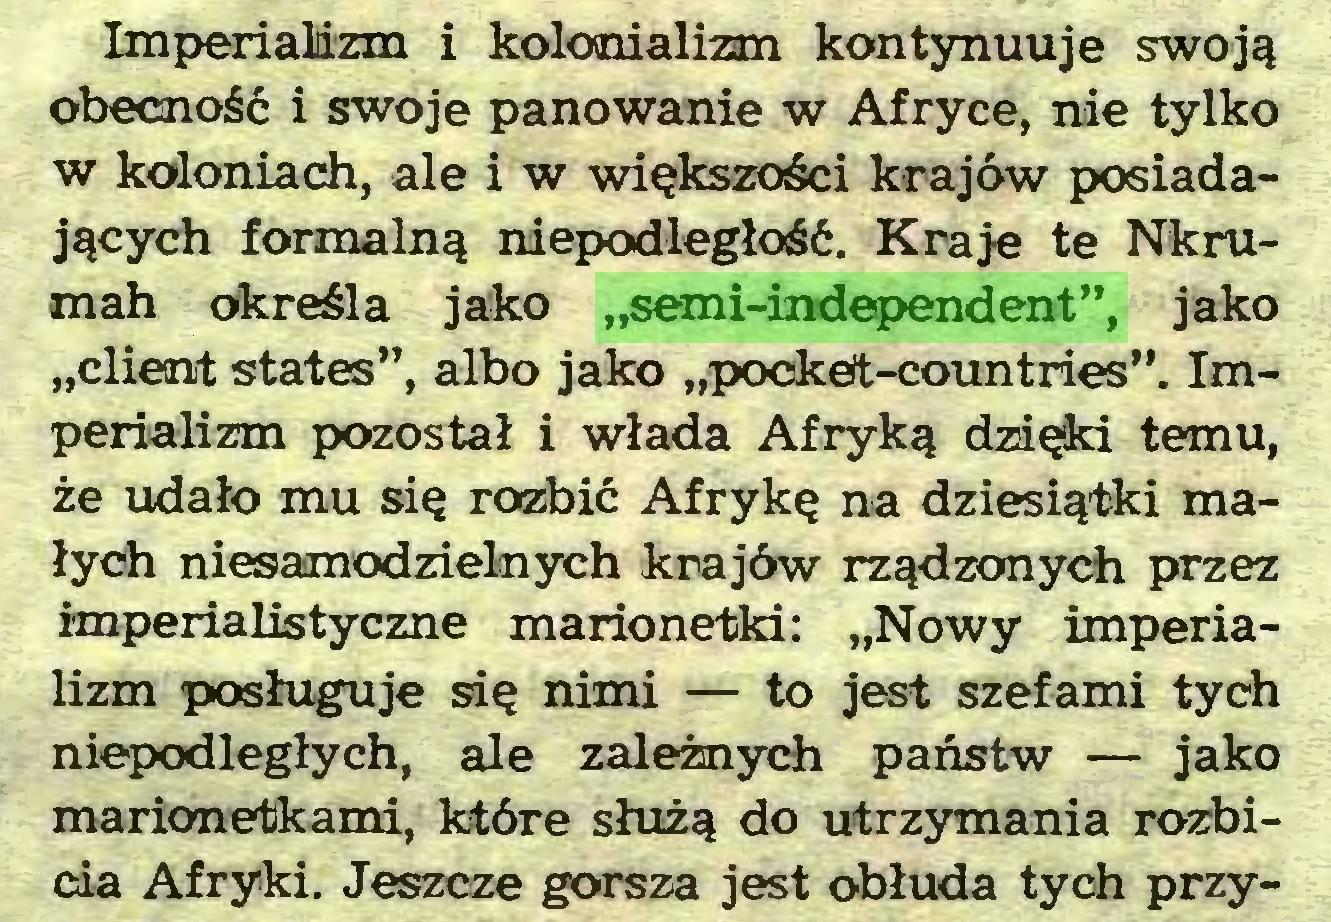 """(...) Imperializm i kolonializm kontynuuje swoją obecność i swoje panowanie w Afryce, nie tylko w koloniach, ale i w większości krajów posiadających formalną niepodległość. Kraje te Nkrumah określa jako """"semi-independent"""", jako """"client States"""", albo jako """"pockeft-countries"""". Imperializm pozostał i włada Afryką dzięki temu, że udało mu się rozbić Afrykę na dziesiątki małych niesamodzielnych krajów rządzonych przez imperialistyczne marionetki: """"Nowy imperializm posługuje się nimi — to jest szefami tych niepodległych, ale zależnych państw — jako marionetkami, które służą do utrzymania rozbicia Afryki. Jeszcze gorsza jest obłuda tych przy..."""